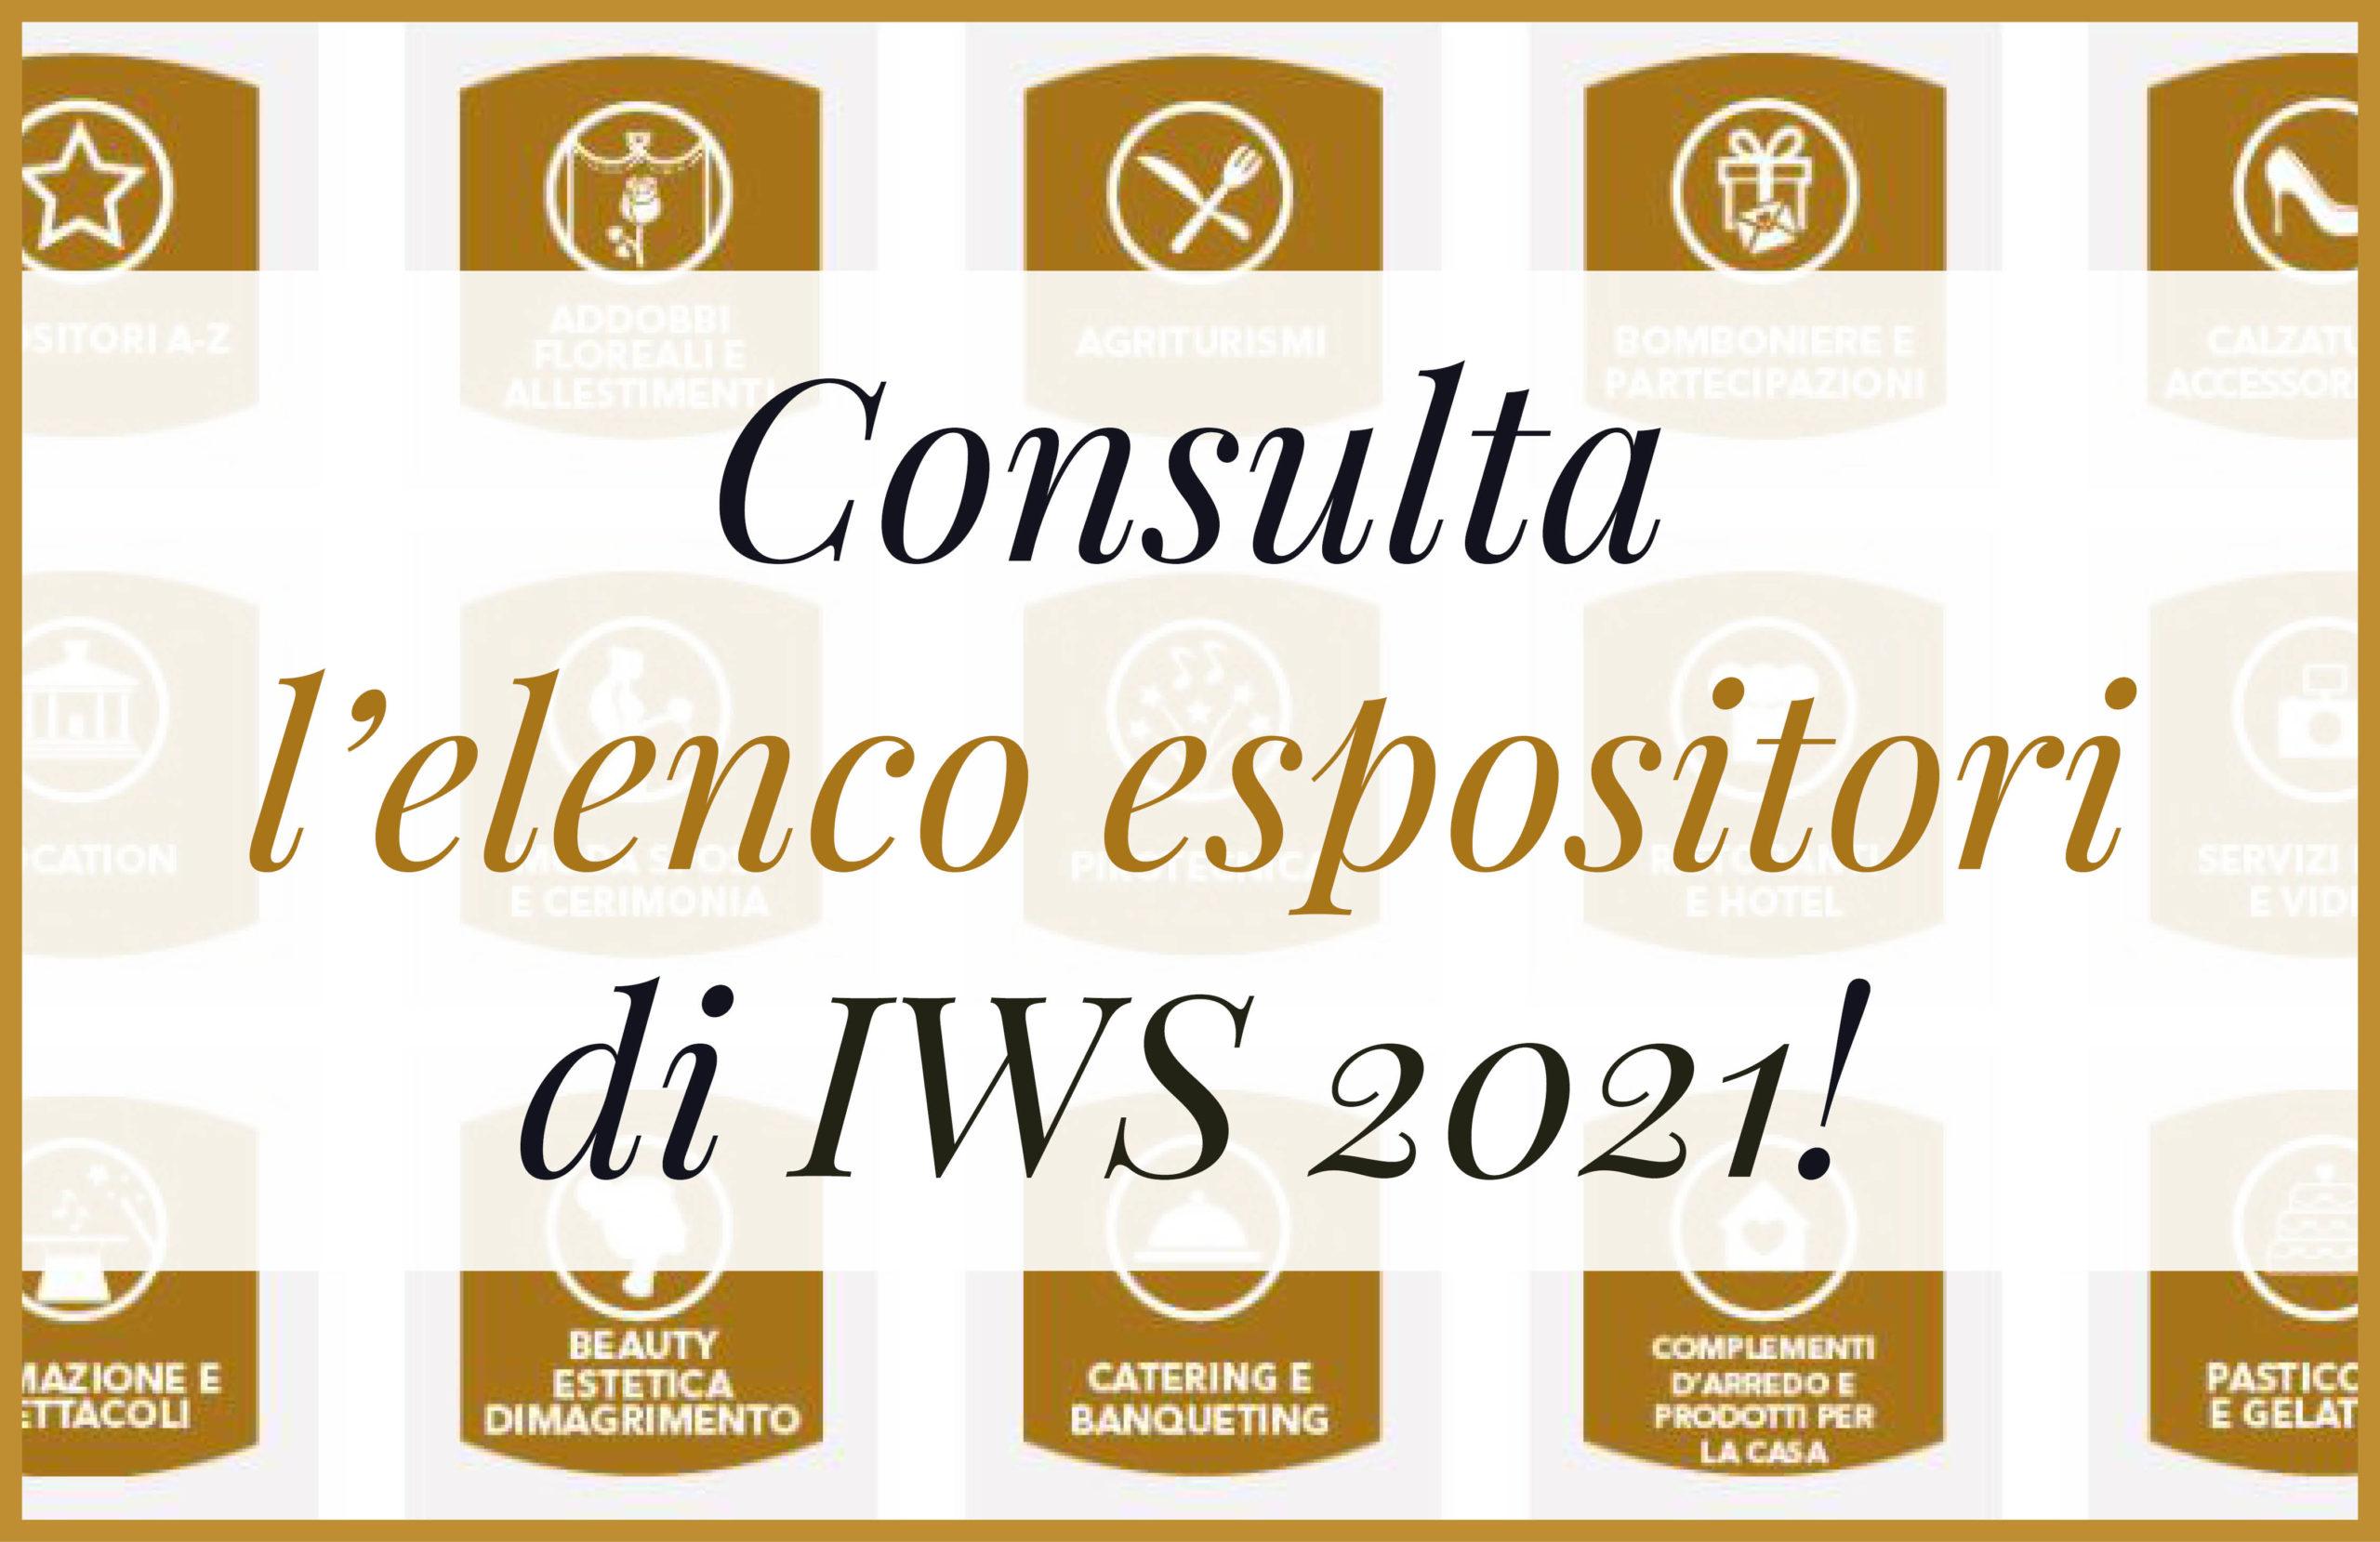 IWS2021_elenco espositori